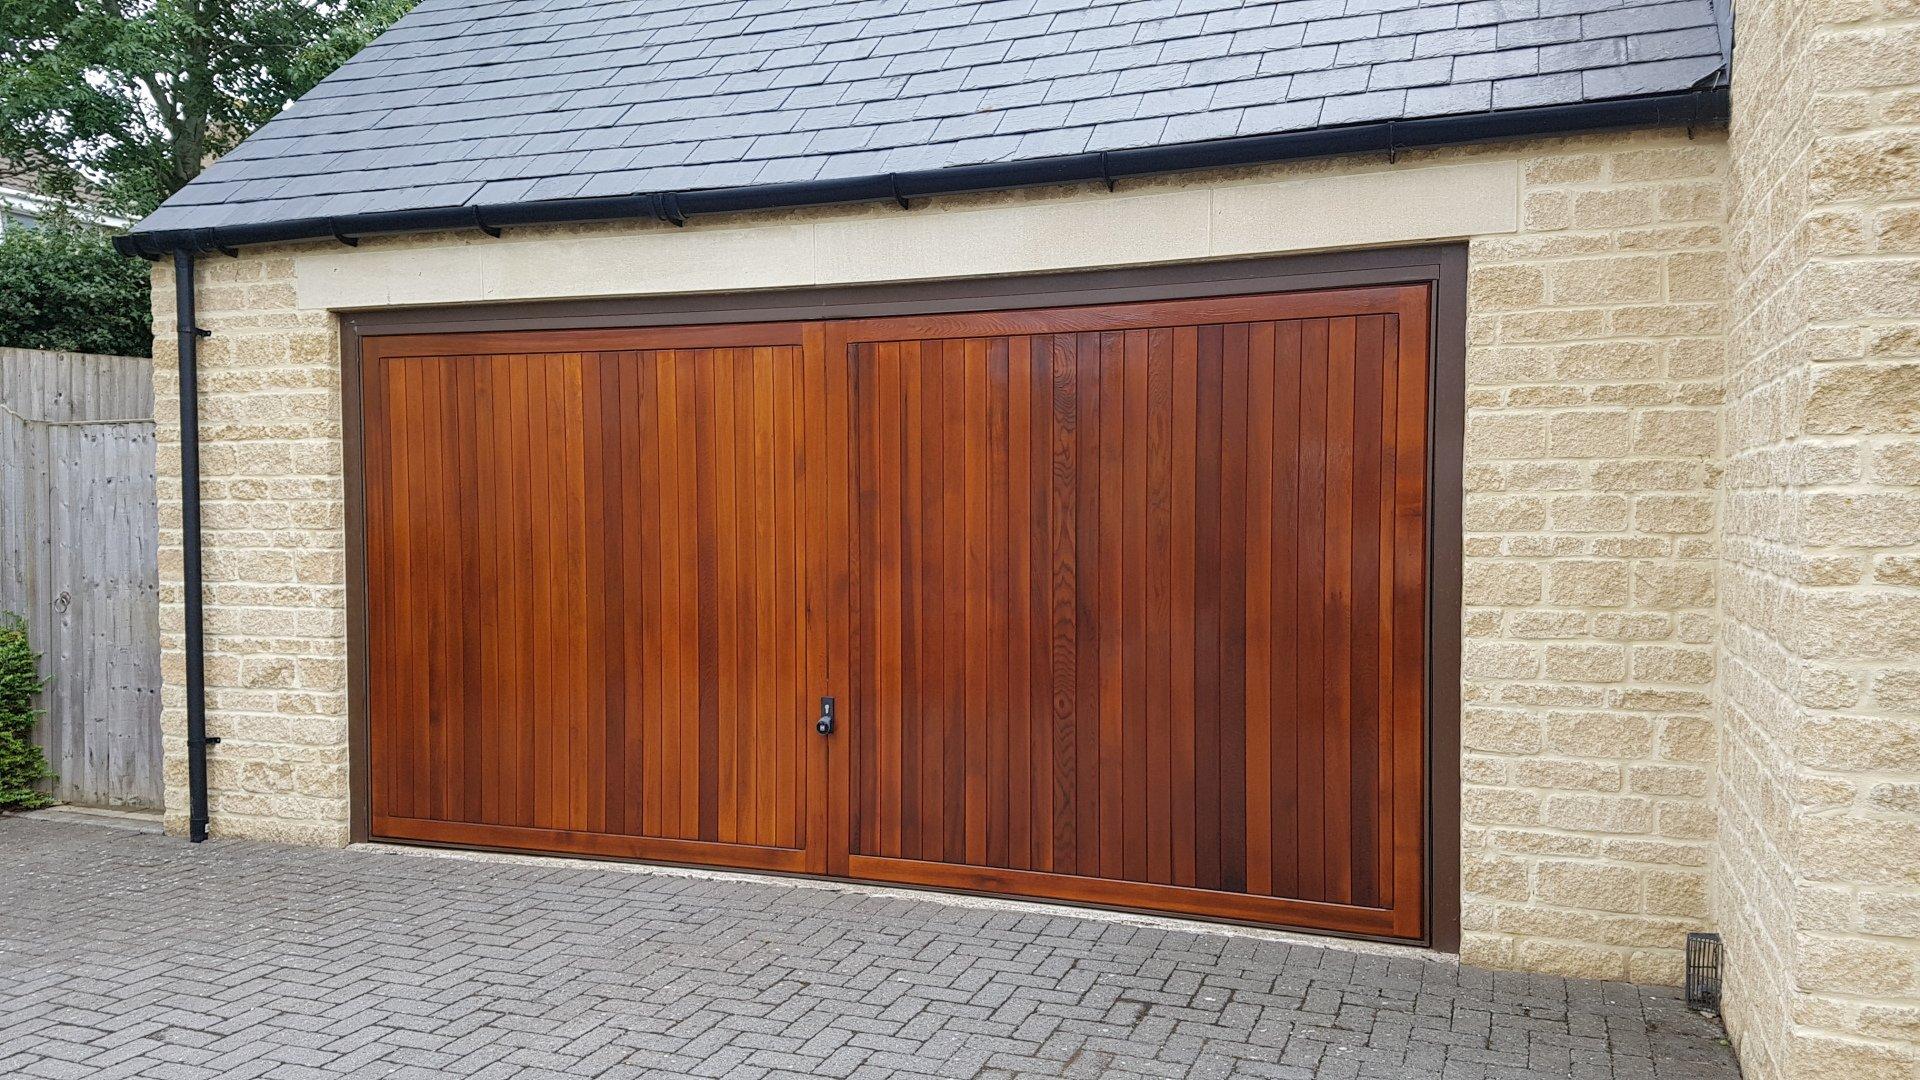 Complete Exterior Renovation Of Double Garage Door